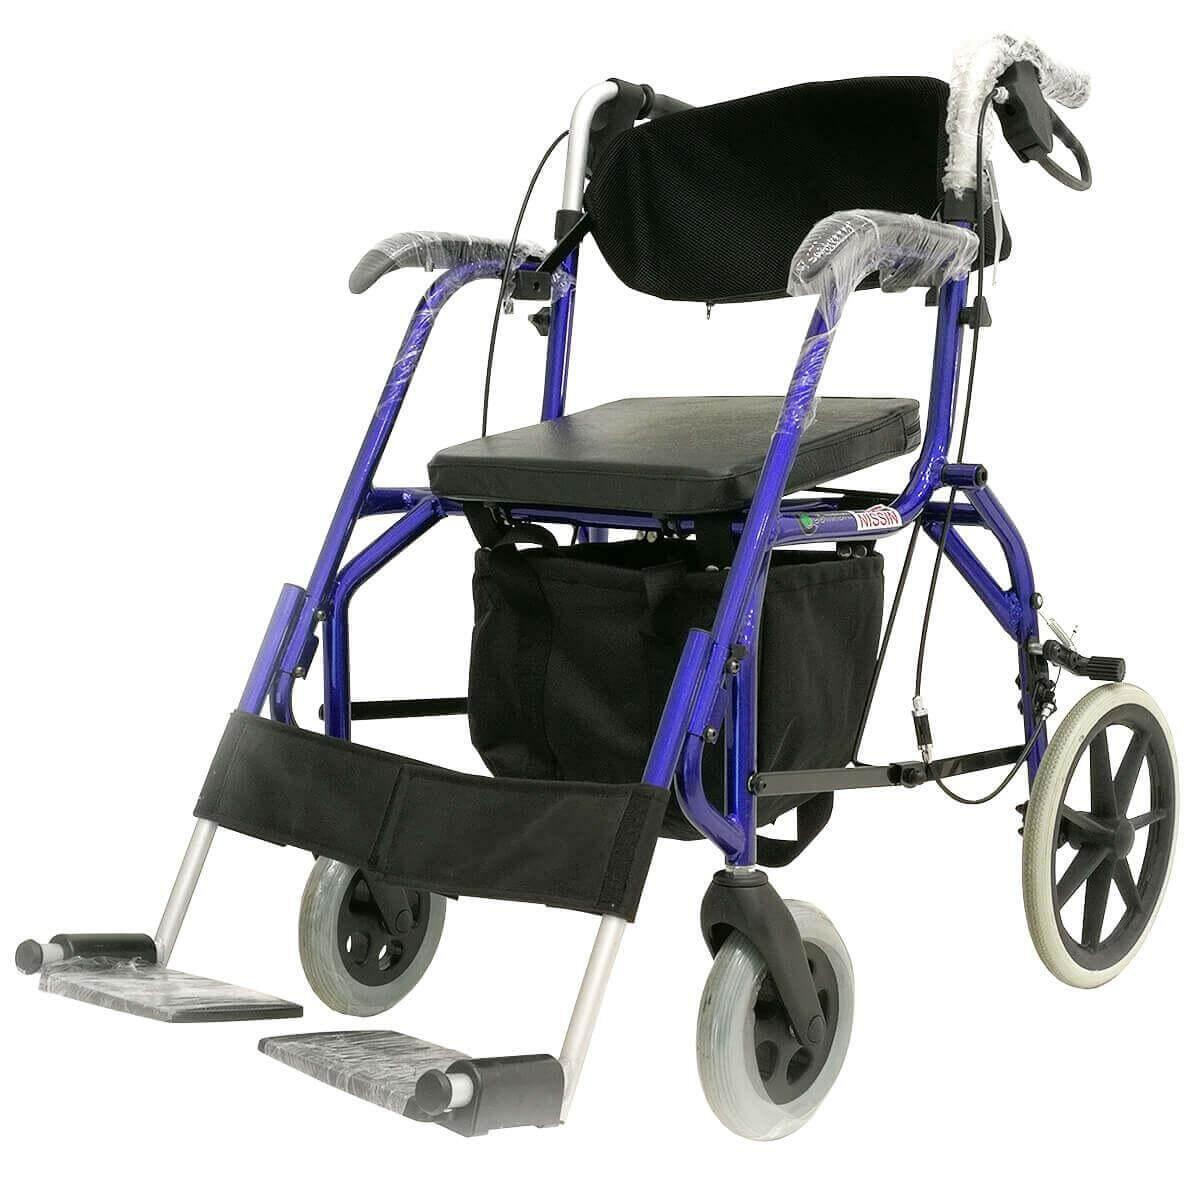 สุดยอดสินค้า!! Wheelchair Rollator รุ่น SL-812 รถเข็นหัดเดิน 2 in 1 (รถเข็นวีลแชร์+รถหัดเดิน)